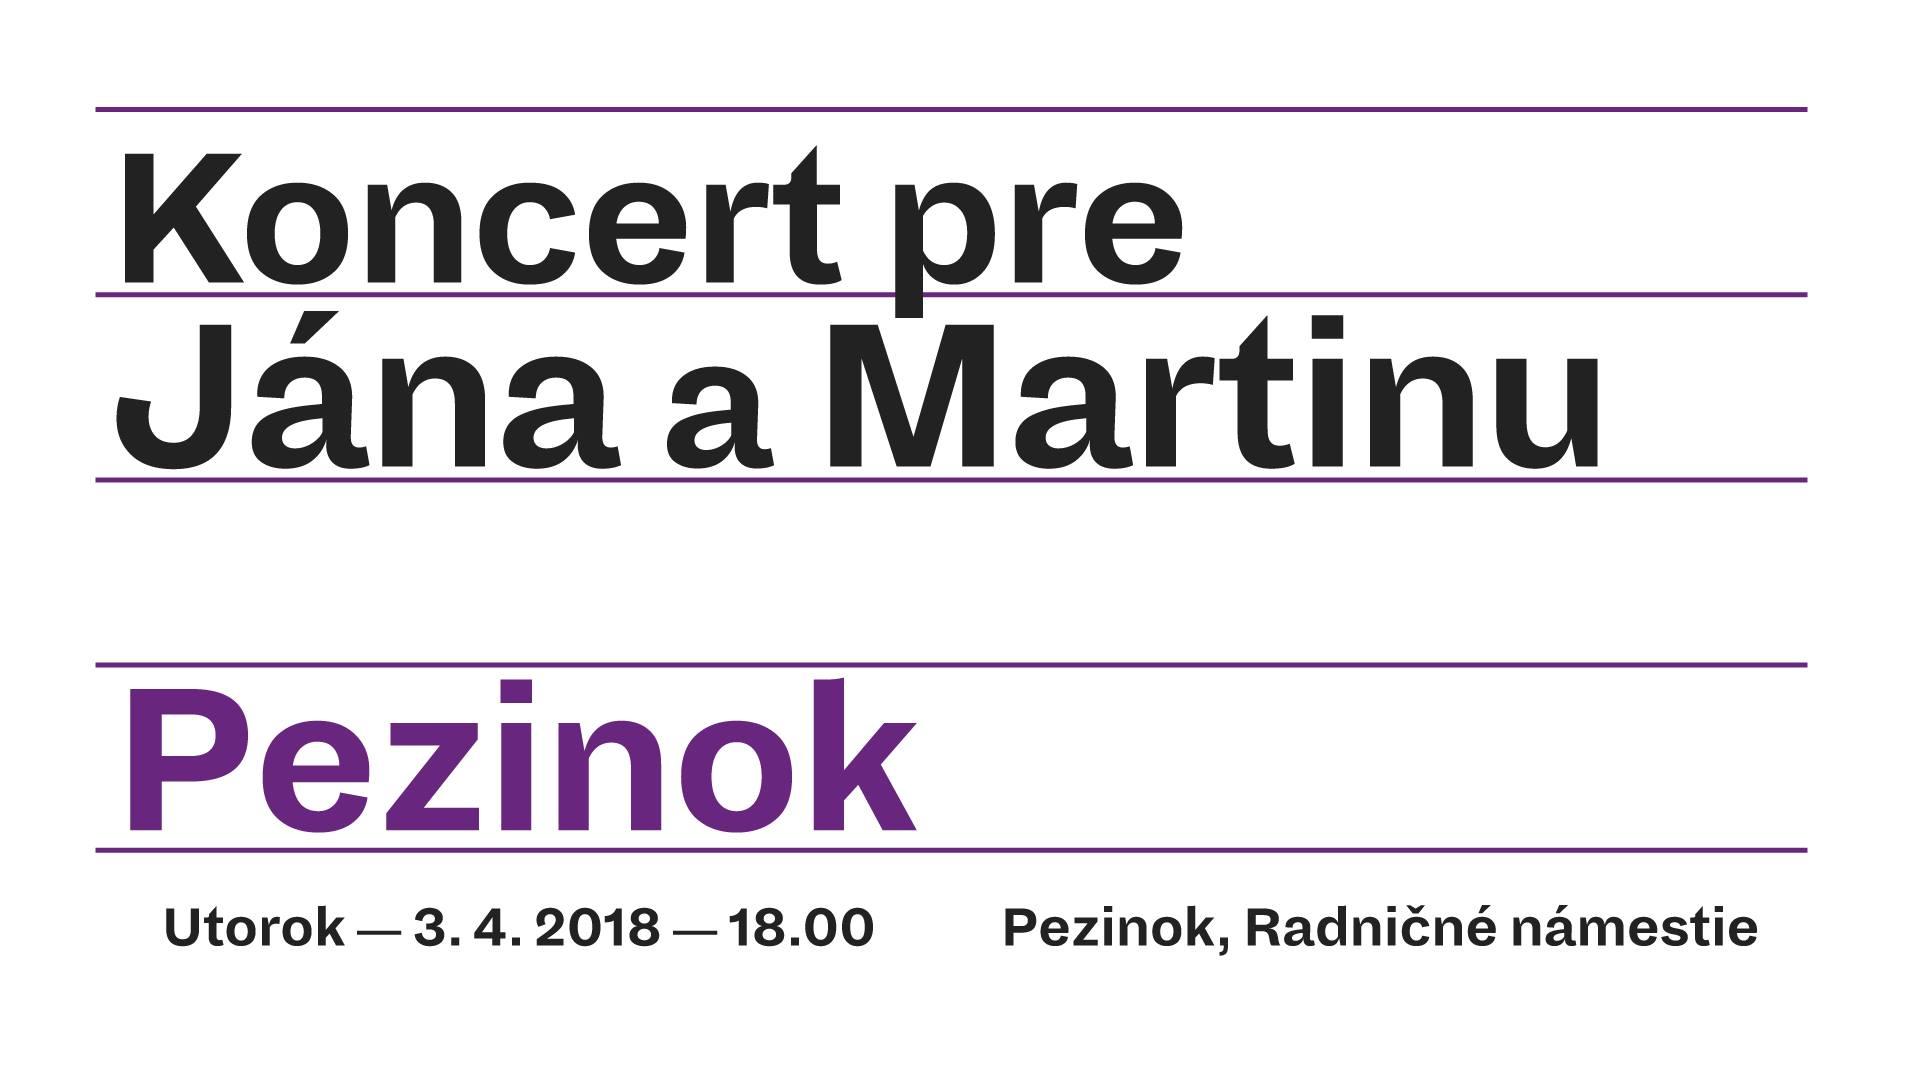 KONCERT PRE JÁNA A MARTINU V PEZINKU – 3.4.2018